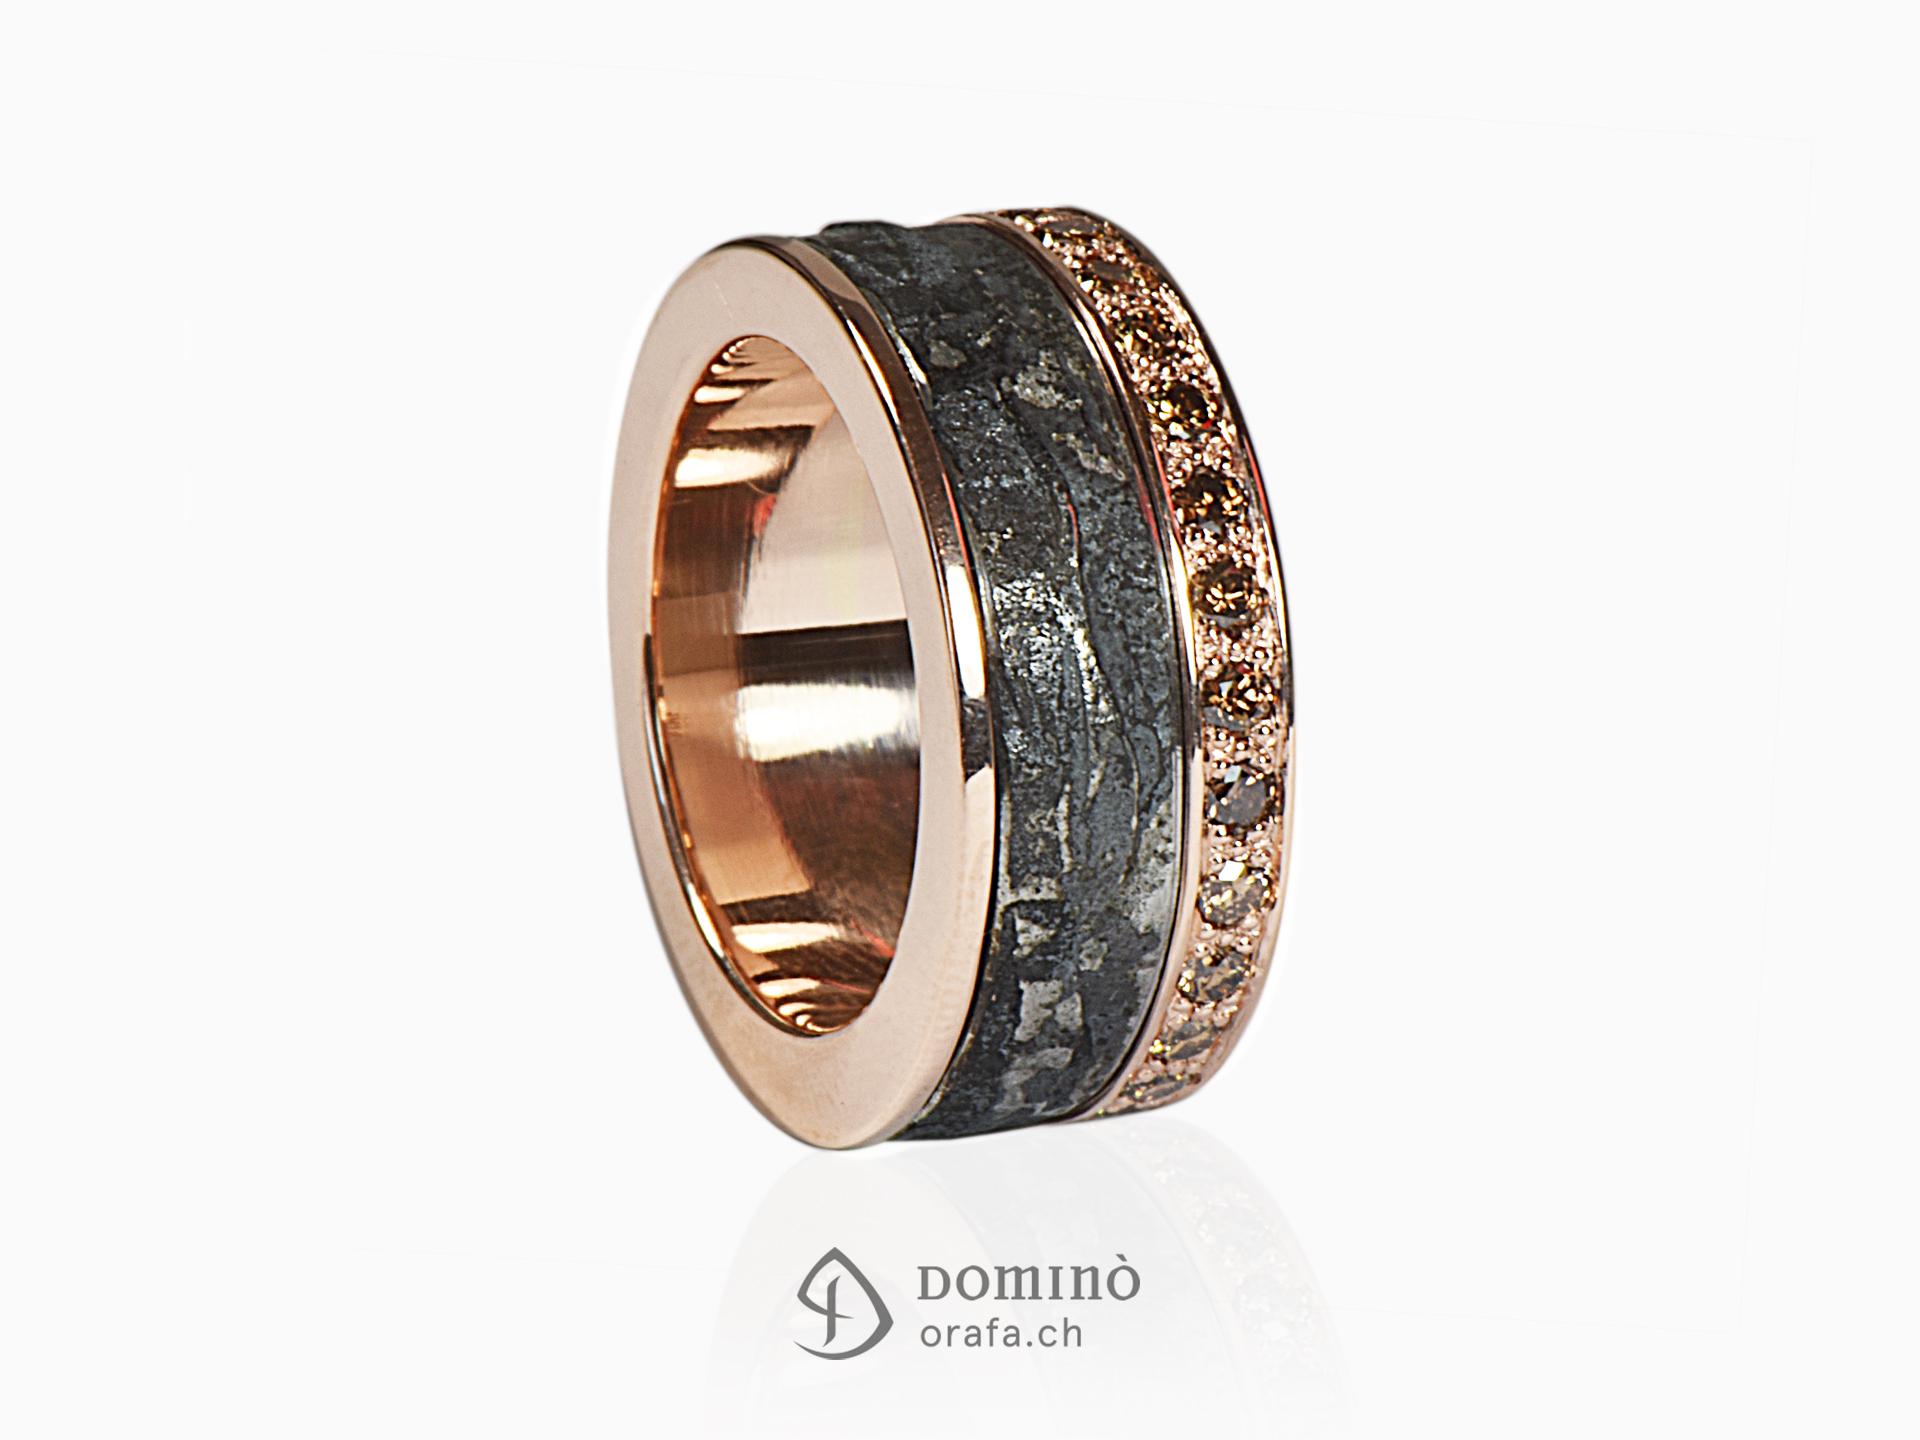 anello-ferro-metallo-prezioso-diamanti-incolore-sfumati-brown-1